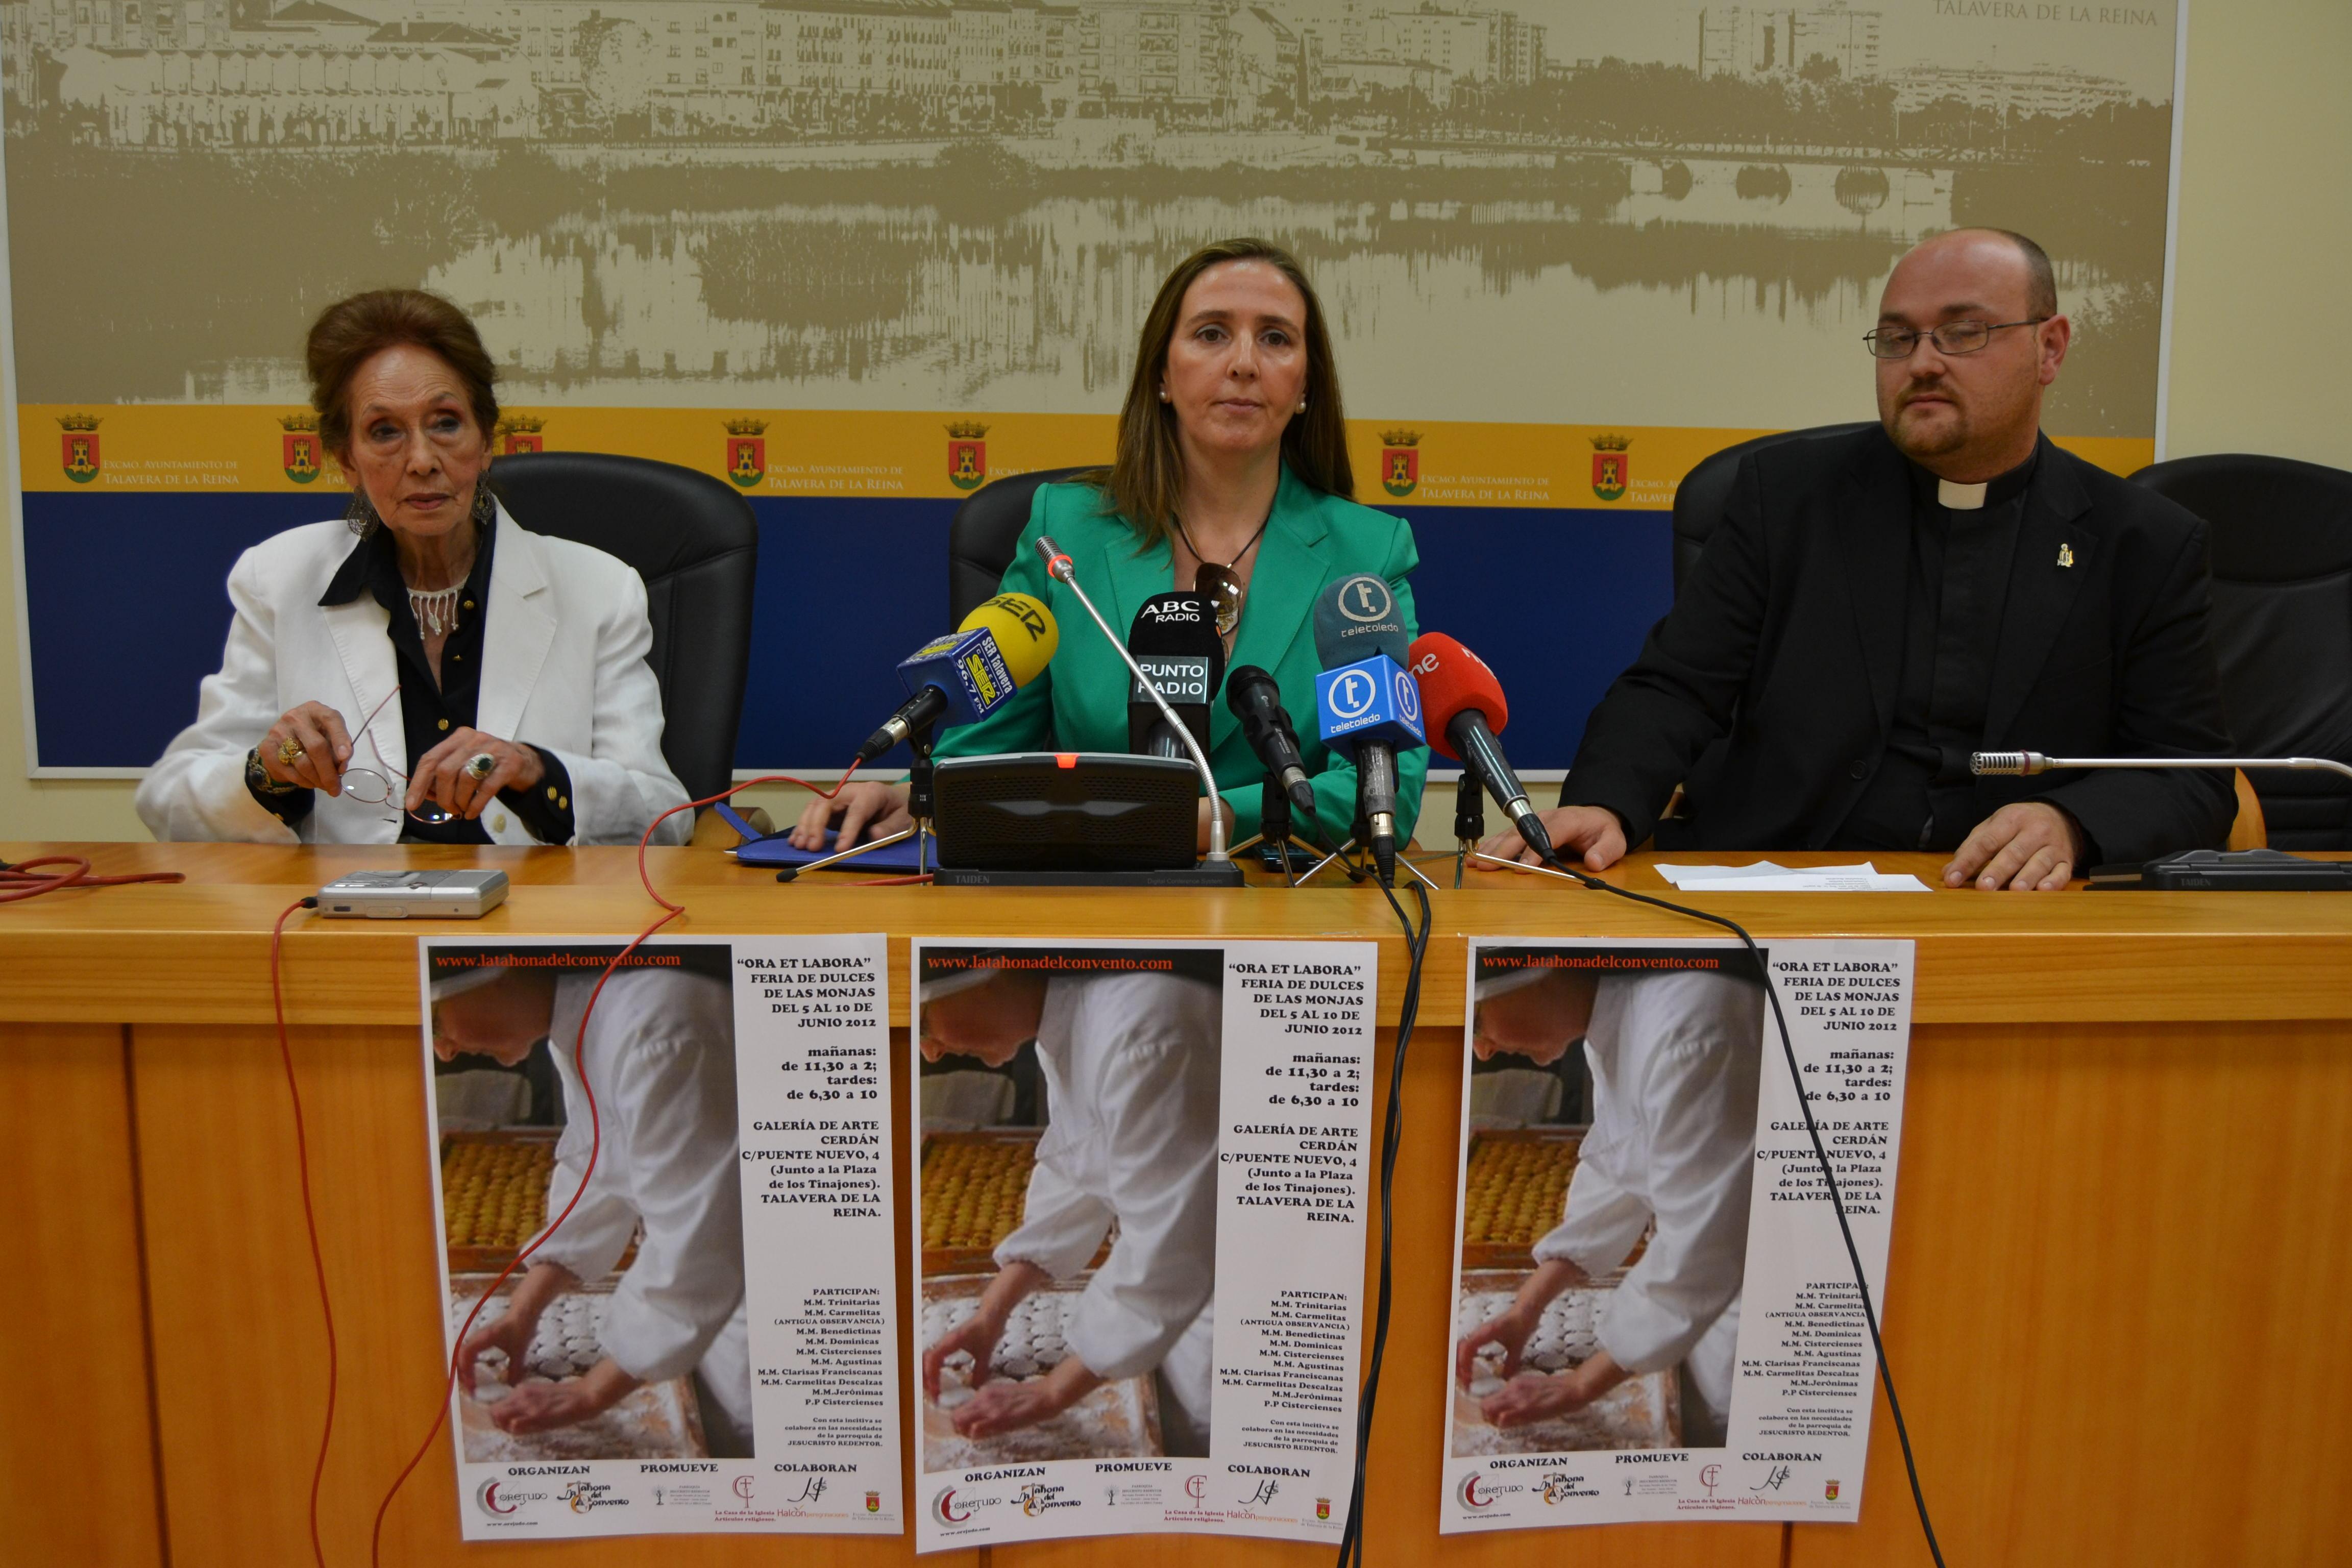 La parroquia de Jesucristo Redentor organiza la I Feria de Dulces de las Monjas